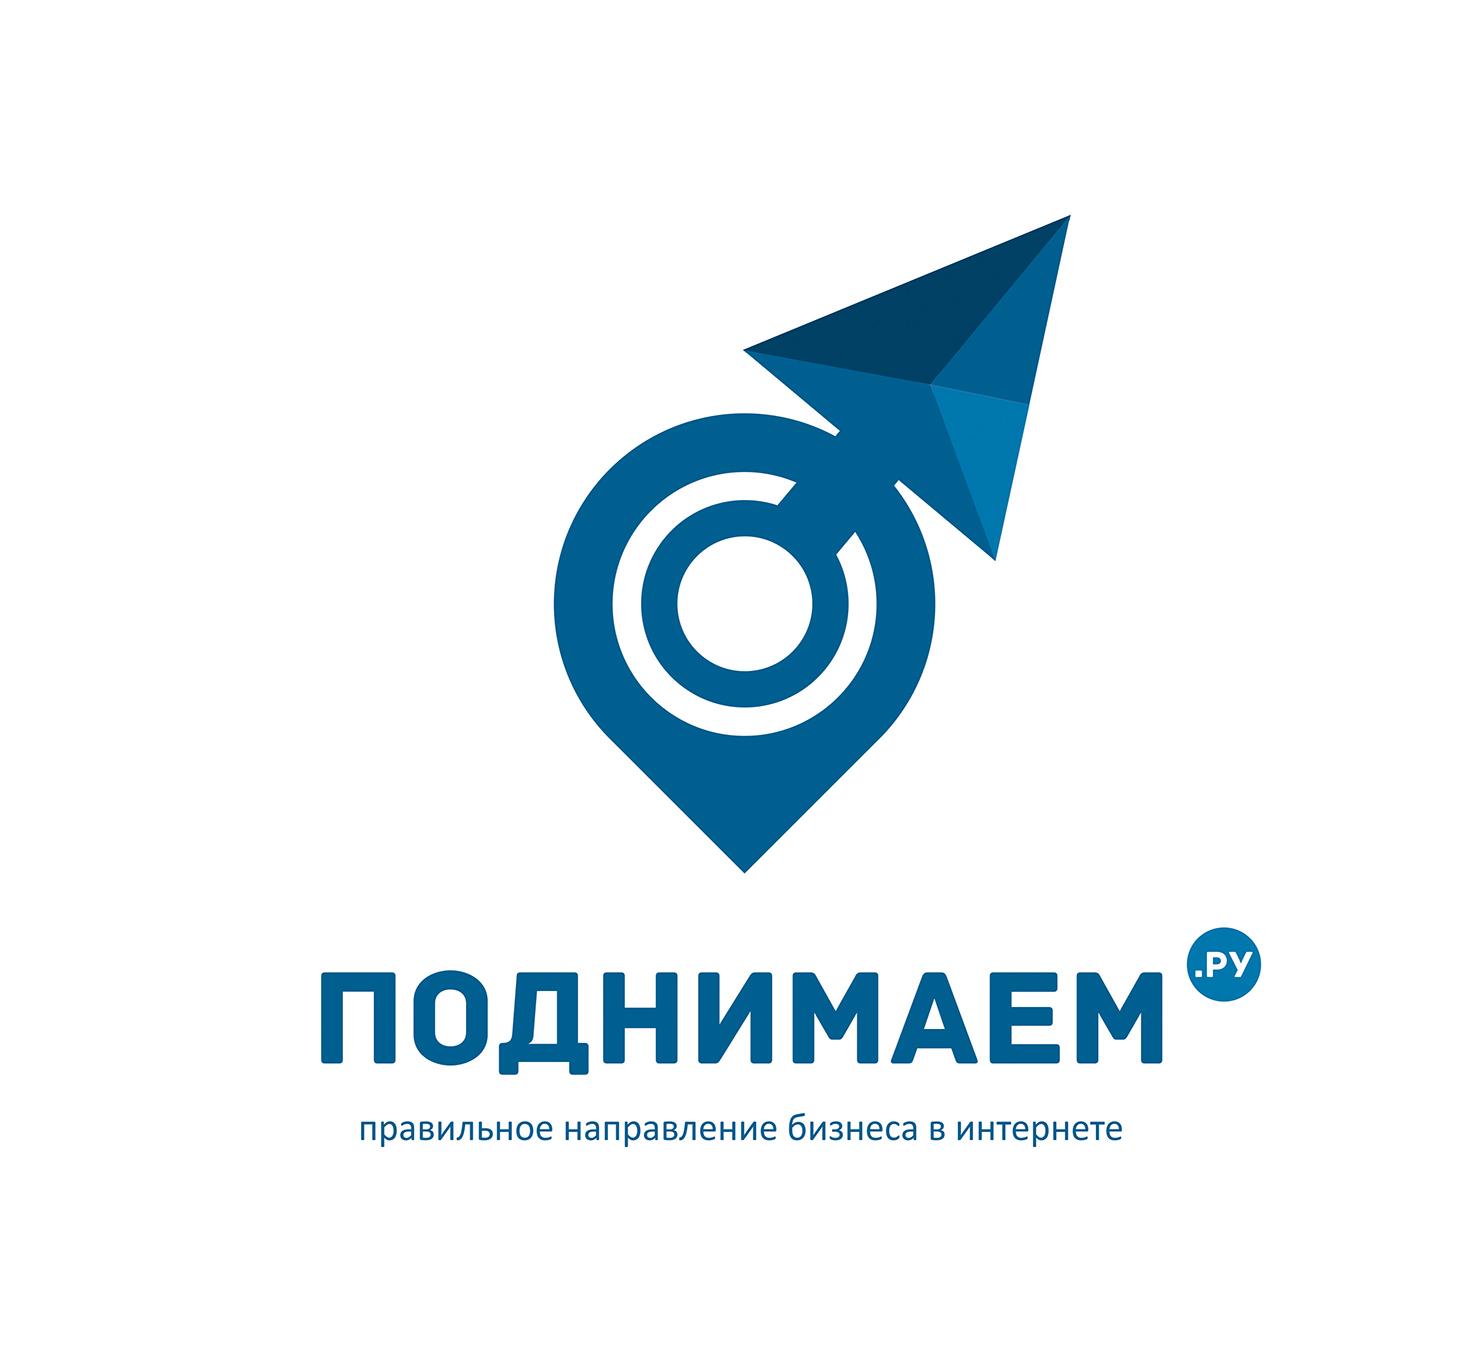 Разработать логотип + визитку + логотип для печати ООО +++ фото f_108554c812d1be95.jpg